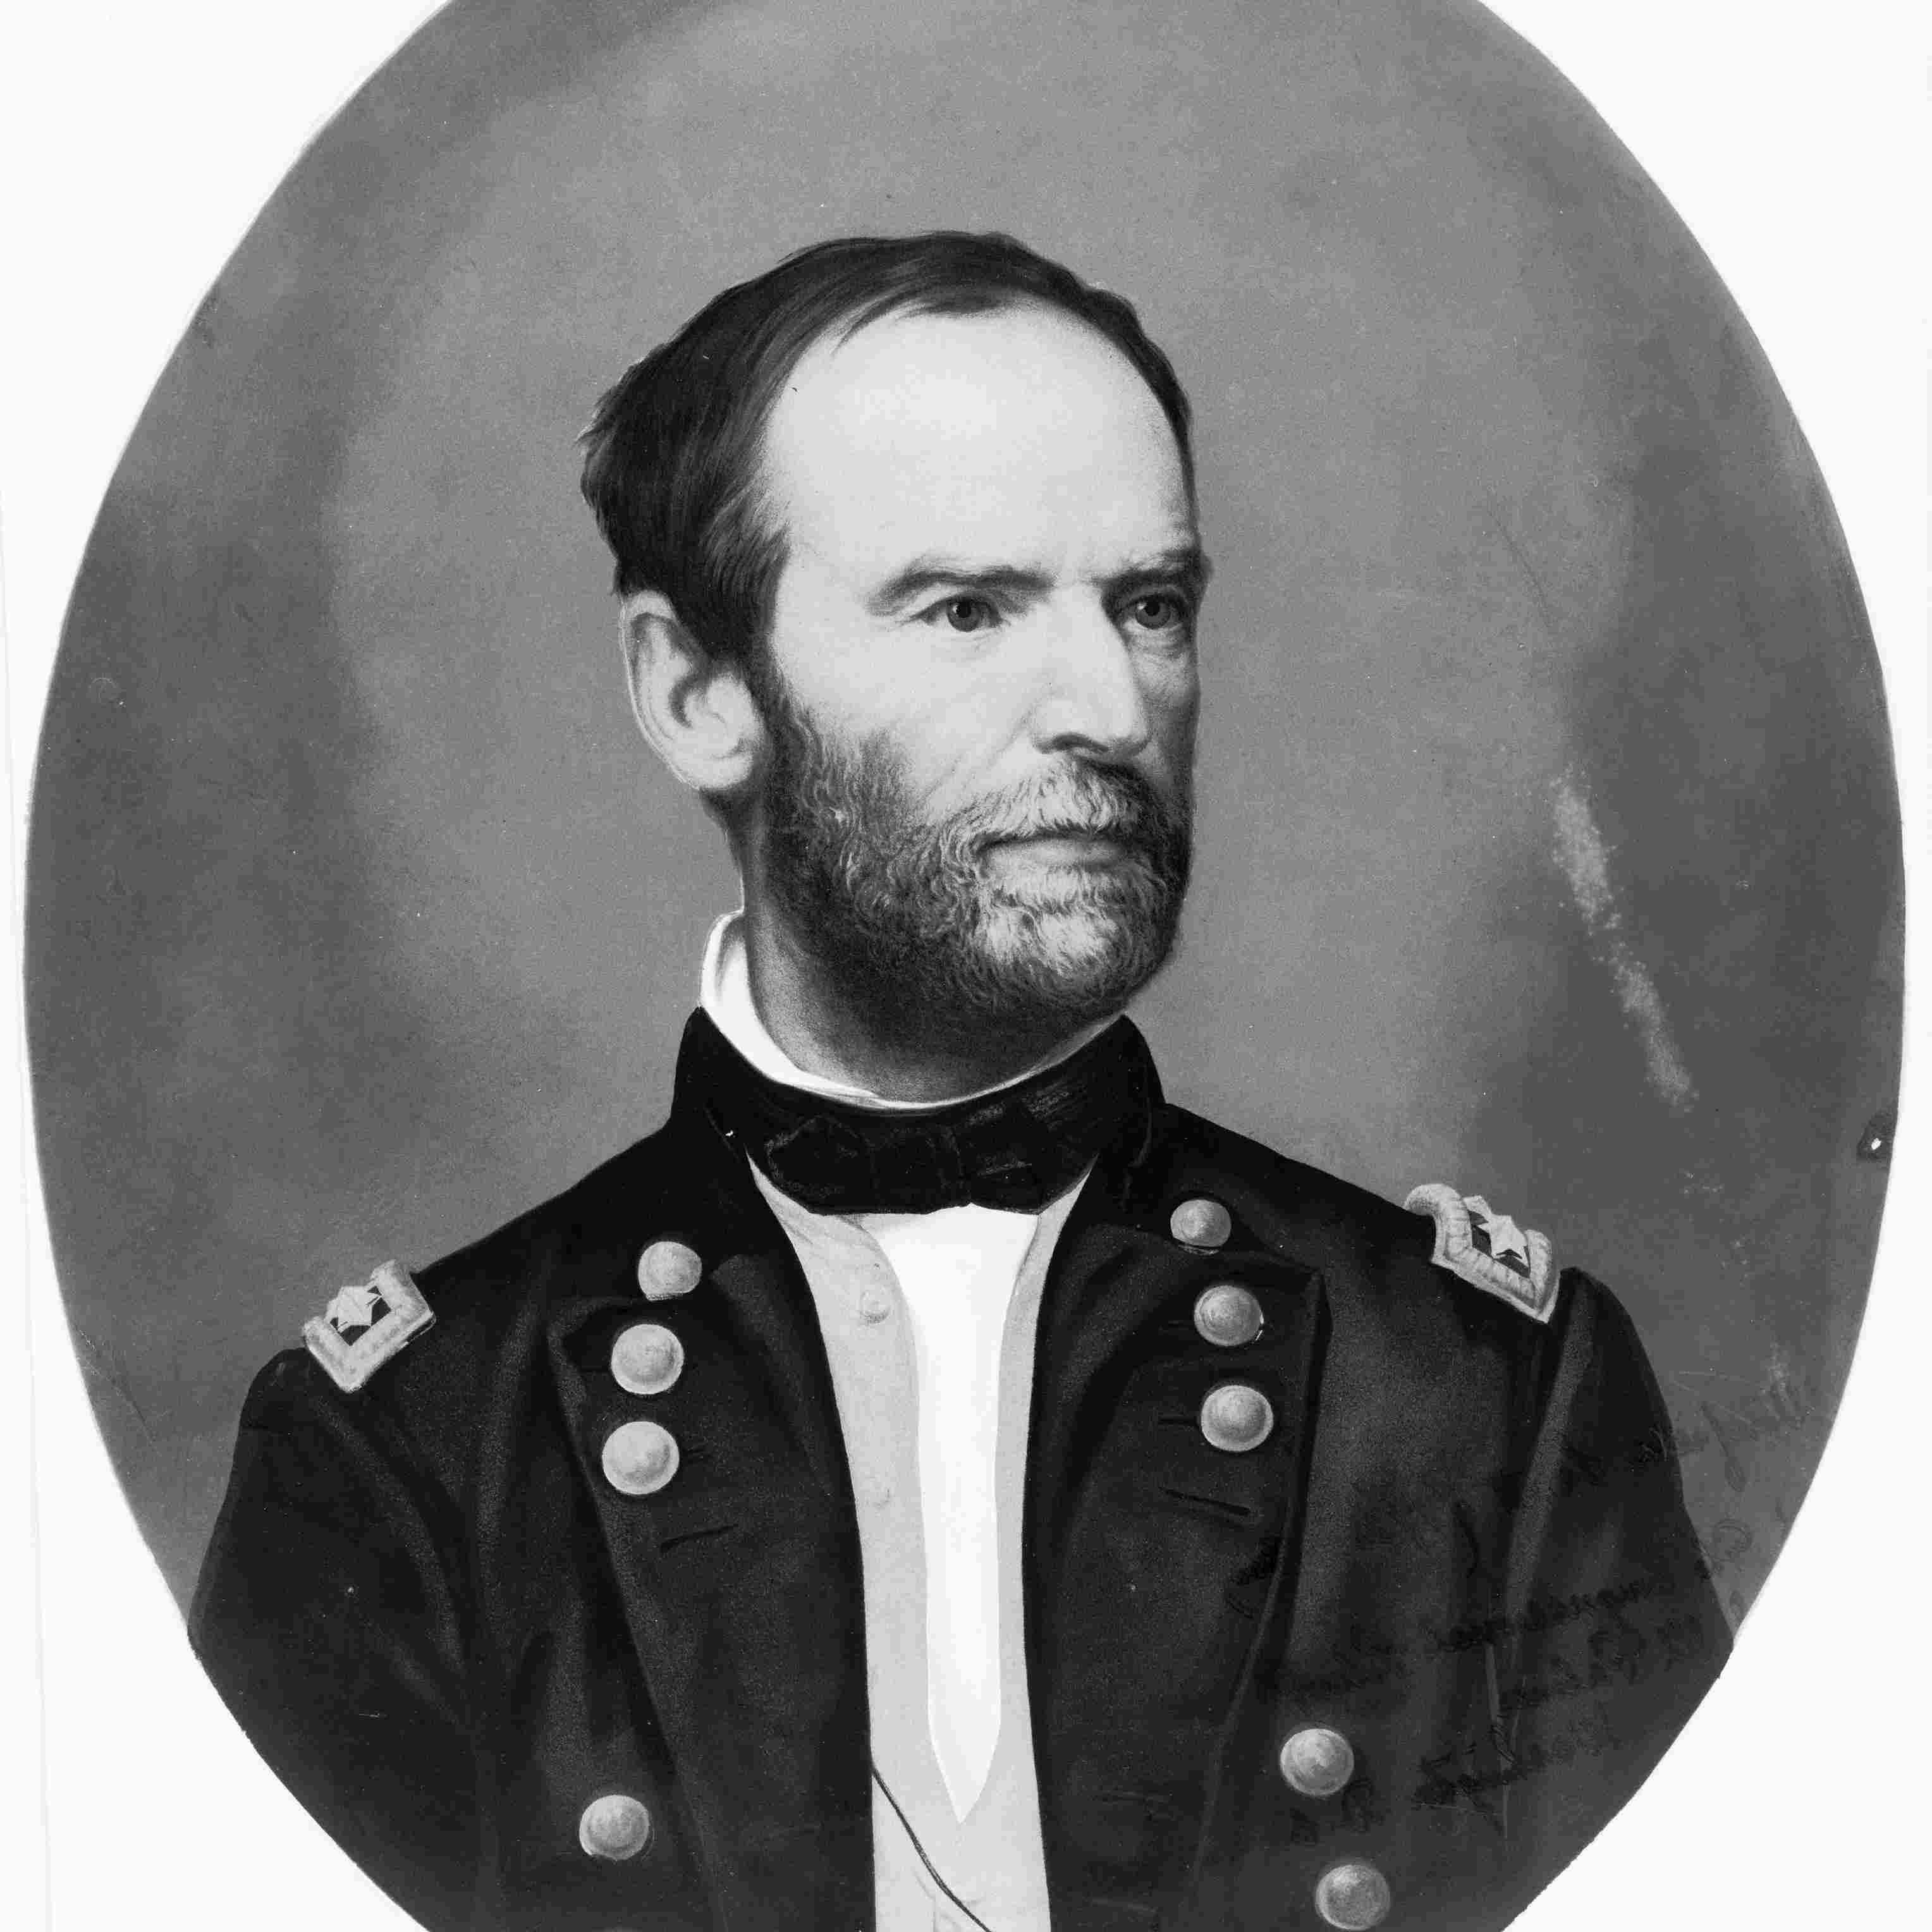 Portrait of William Tecumseh Sherman